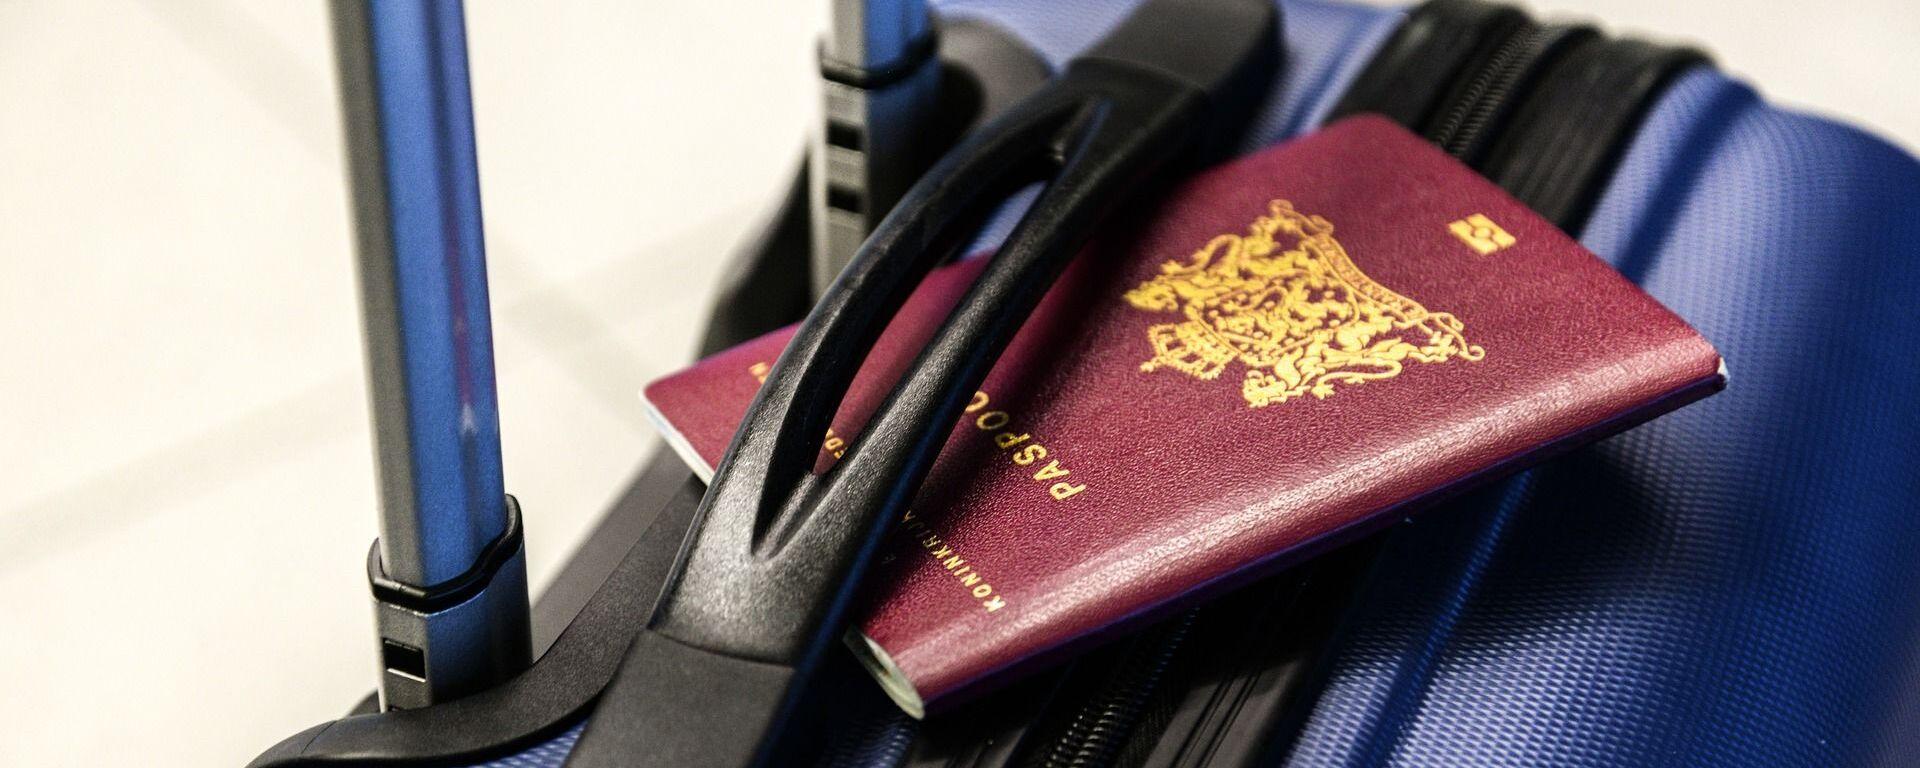 Un pasaporte y una maleta (imagen referencial) - Sputnik Mundo, 1920, 19.08.2021